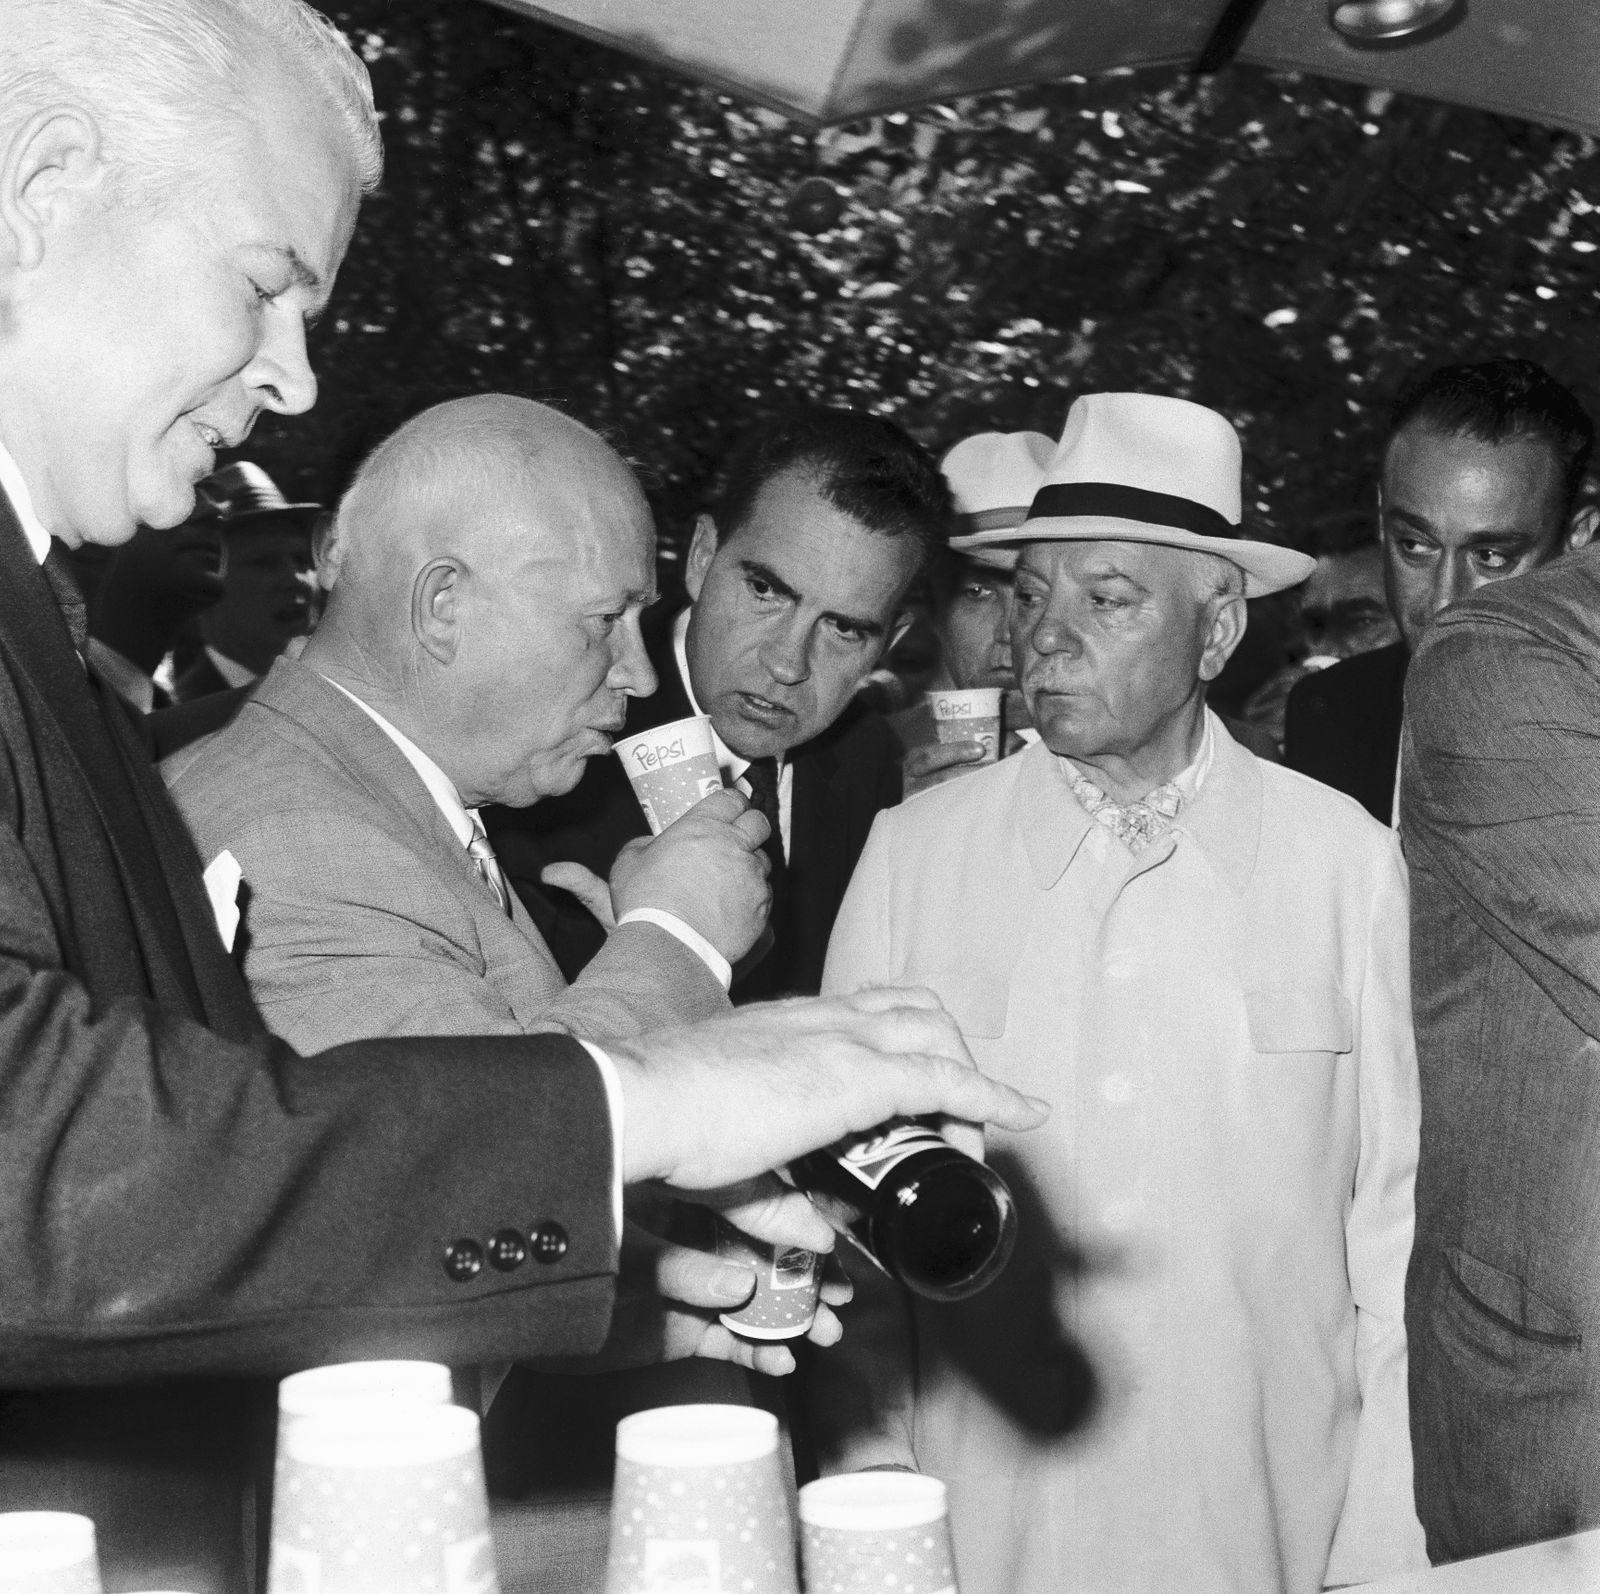 Pepsi Kriegsflotte - Nikita Khrushchev Introduced to Pepsi-Cola